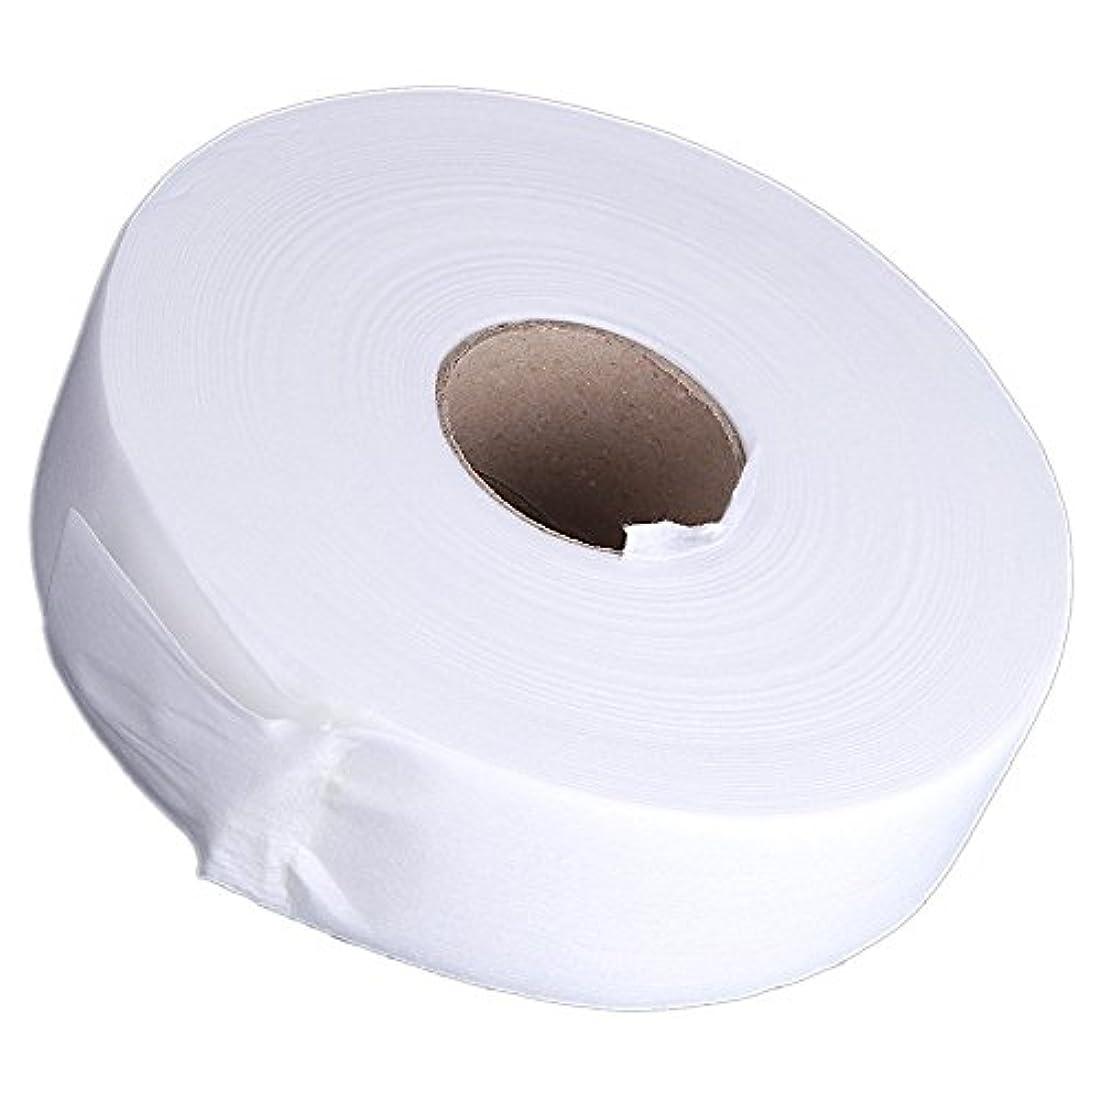 私シャイニング予想するACAMPTAR 100ヤードの脱毛紙脱毛ワックスストリップ 不織布ペーパーワックスロール(白)